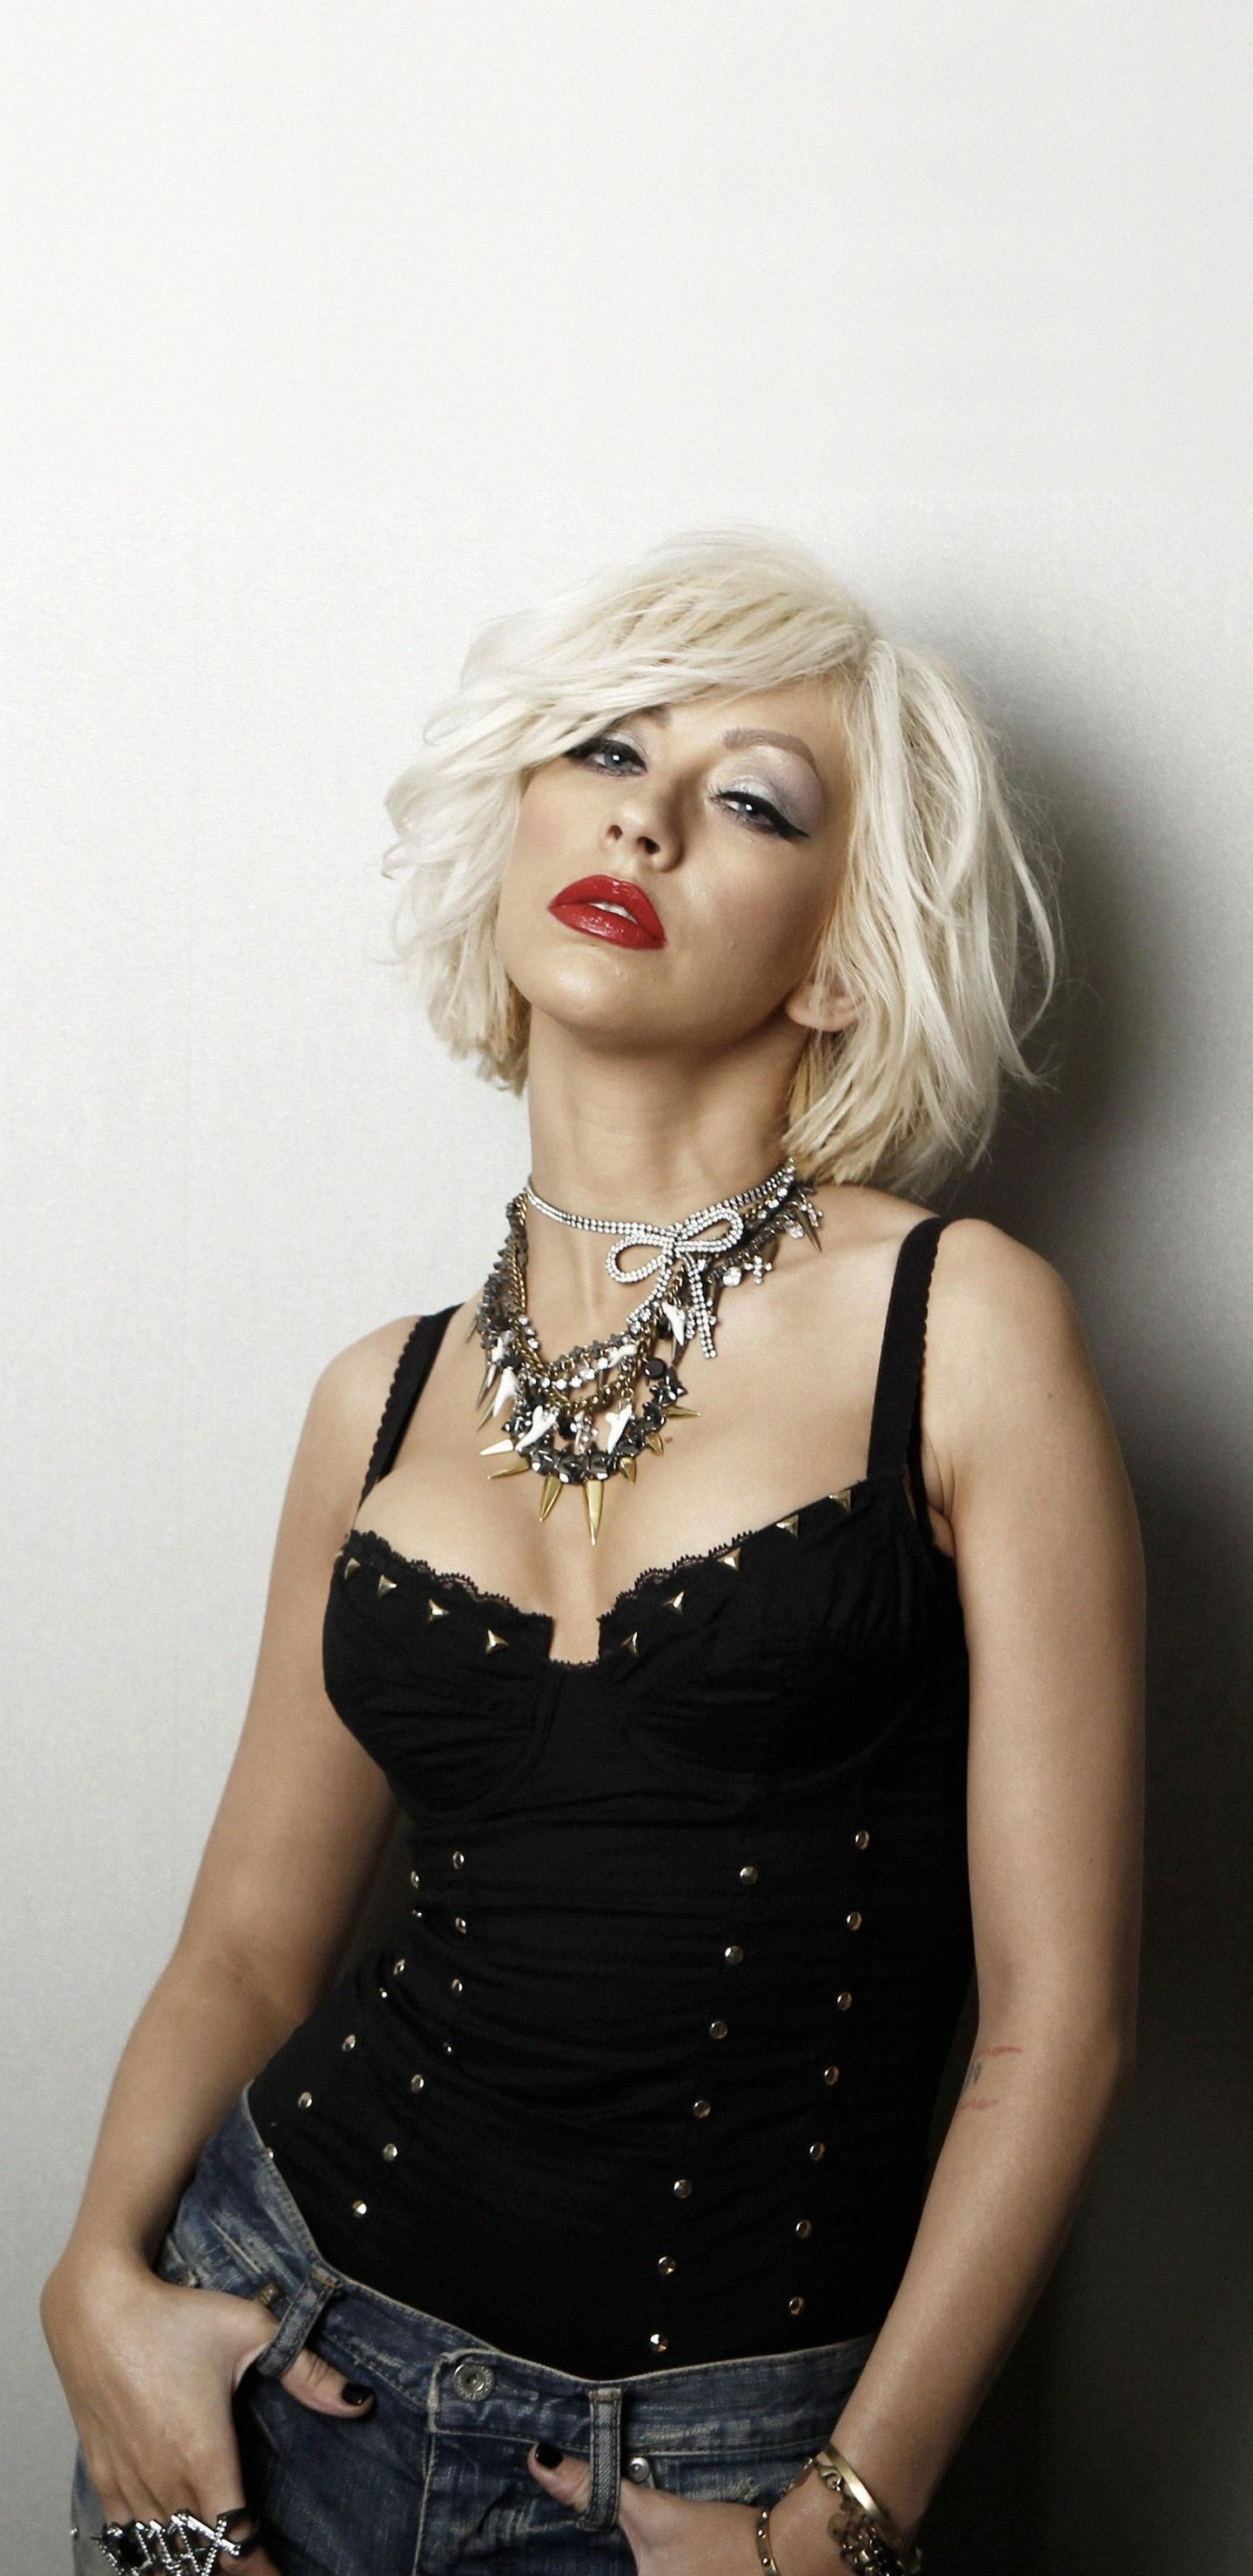 Christina Aguilera Blonde Celebrity 2018 1440x2960 Wallpaper Christina Aguilera The Voice Celebrity Beauty Christina Aguilera